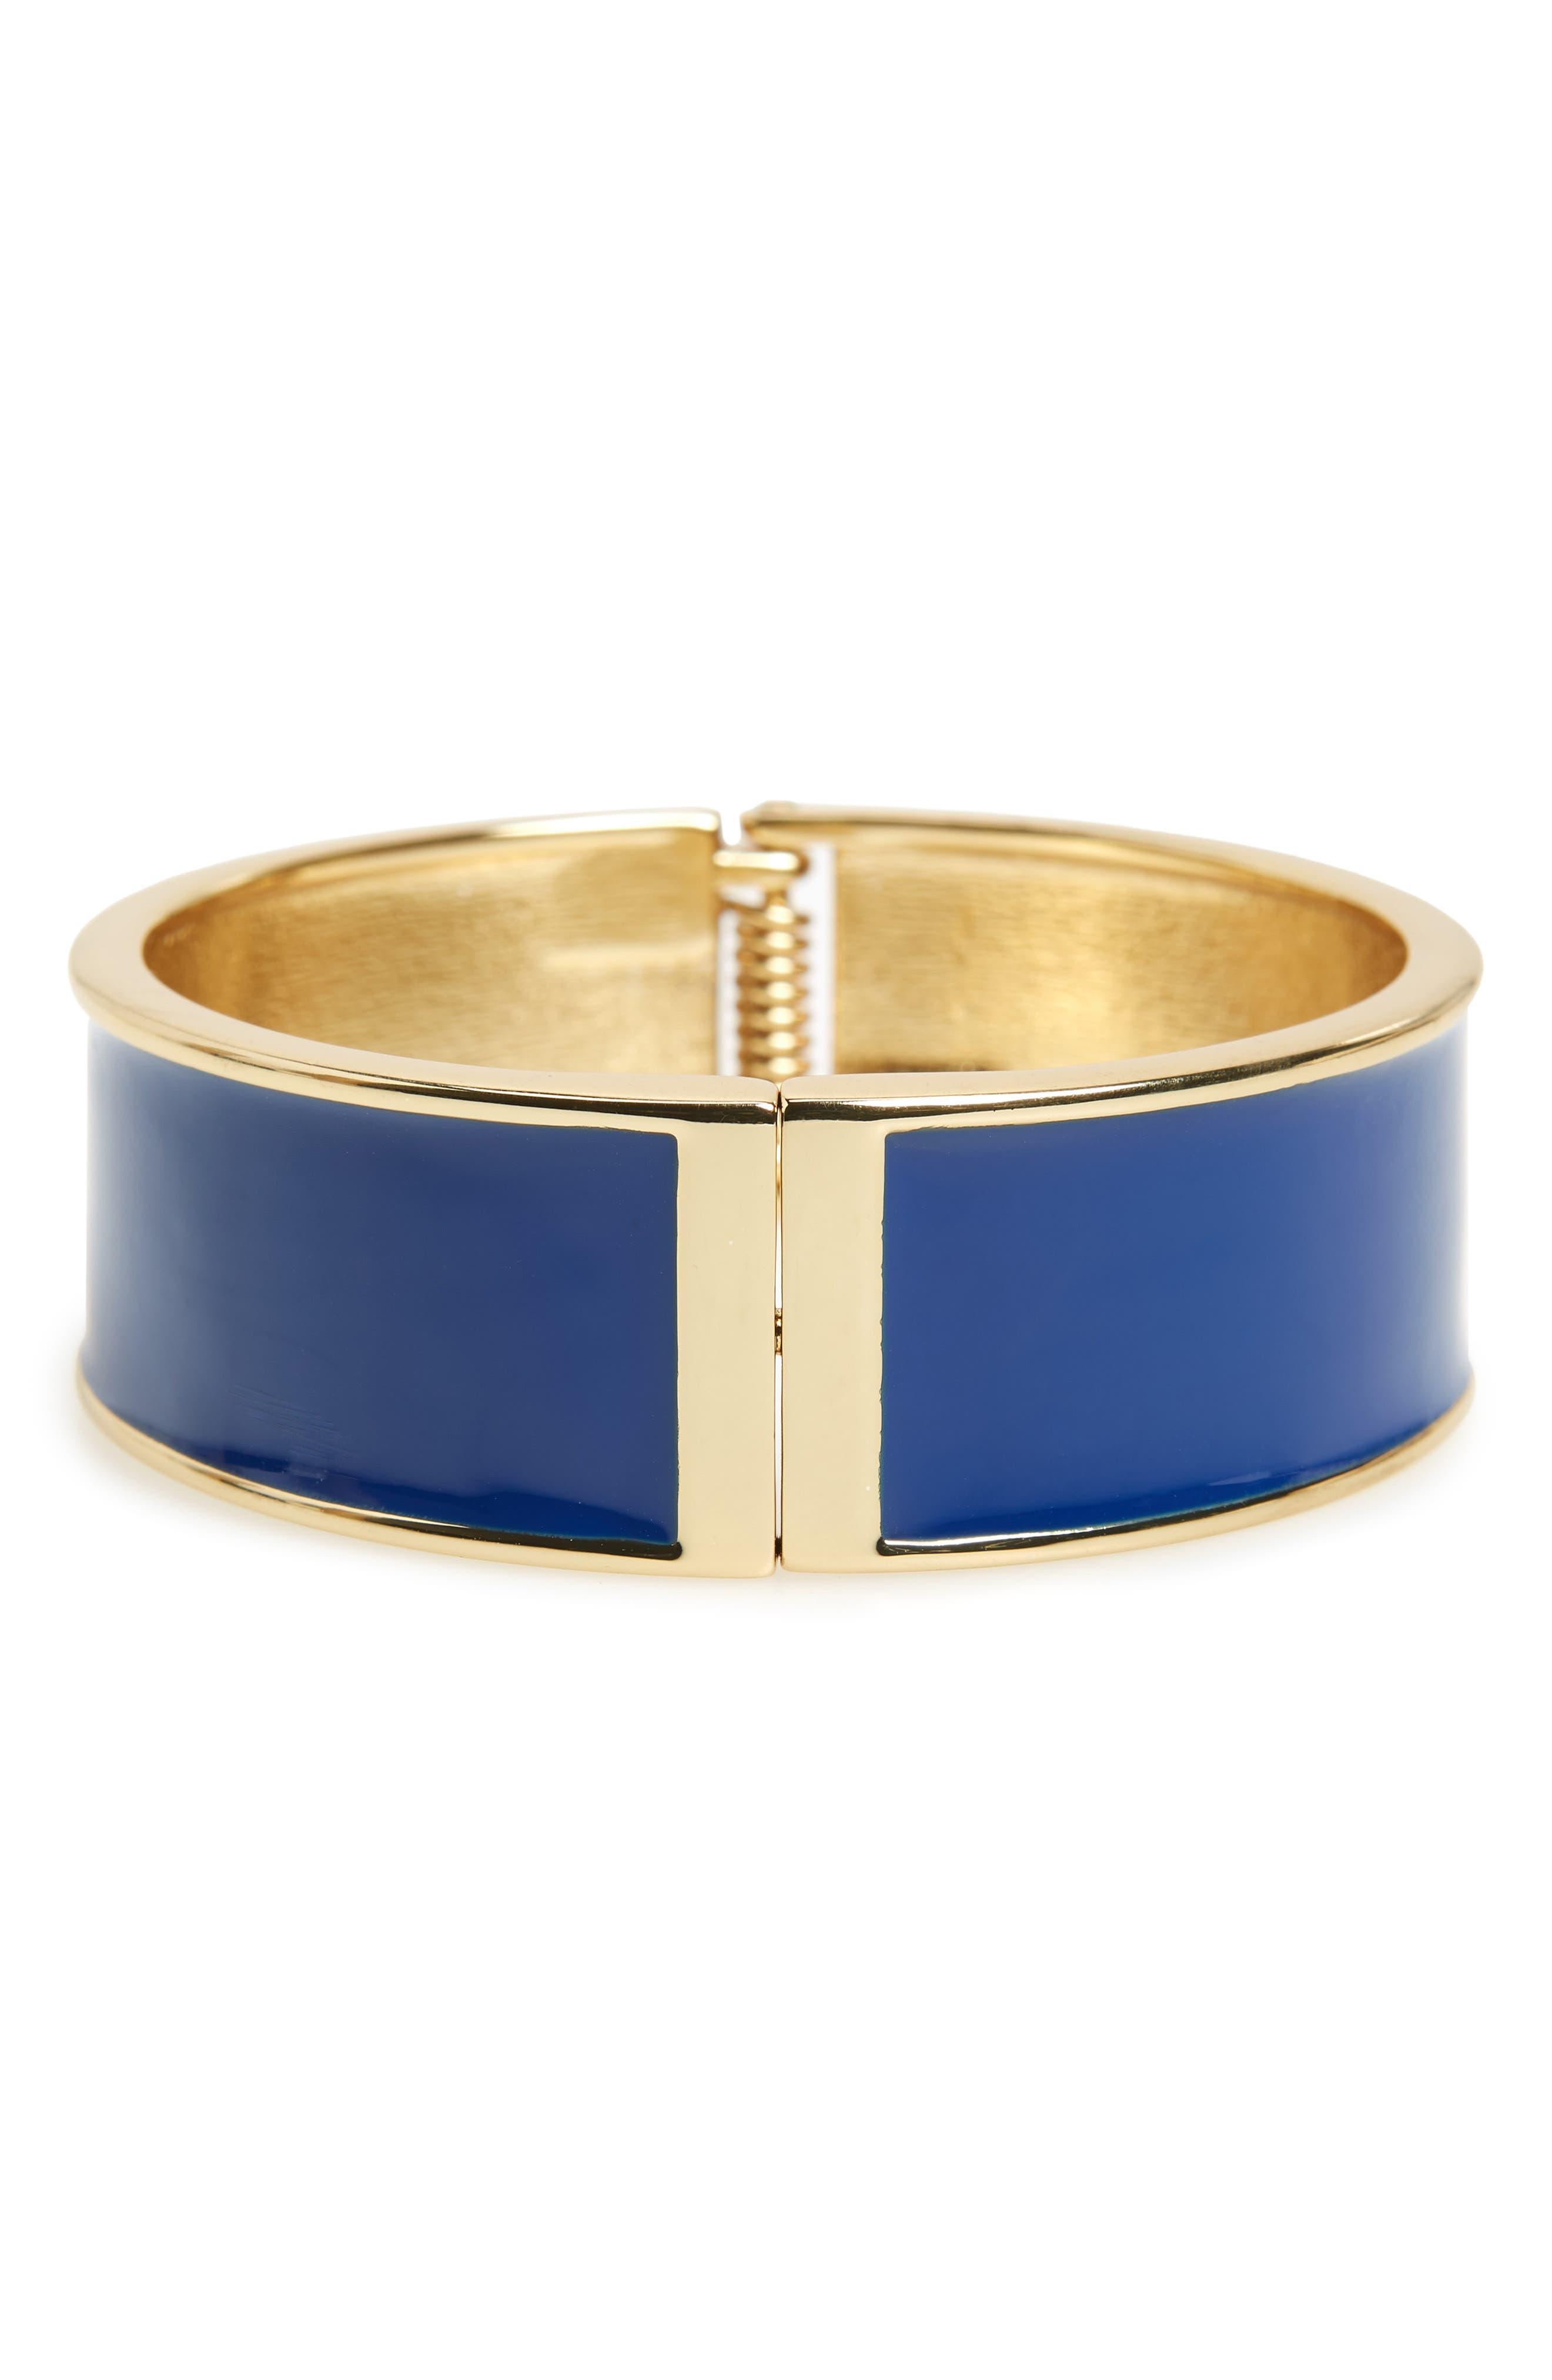 bee1386e8cd Buy bracelets fine jewelry for women - Best women's bracelets fine jewelry  shop - Cools.com